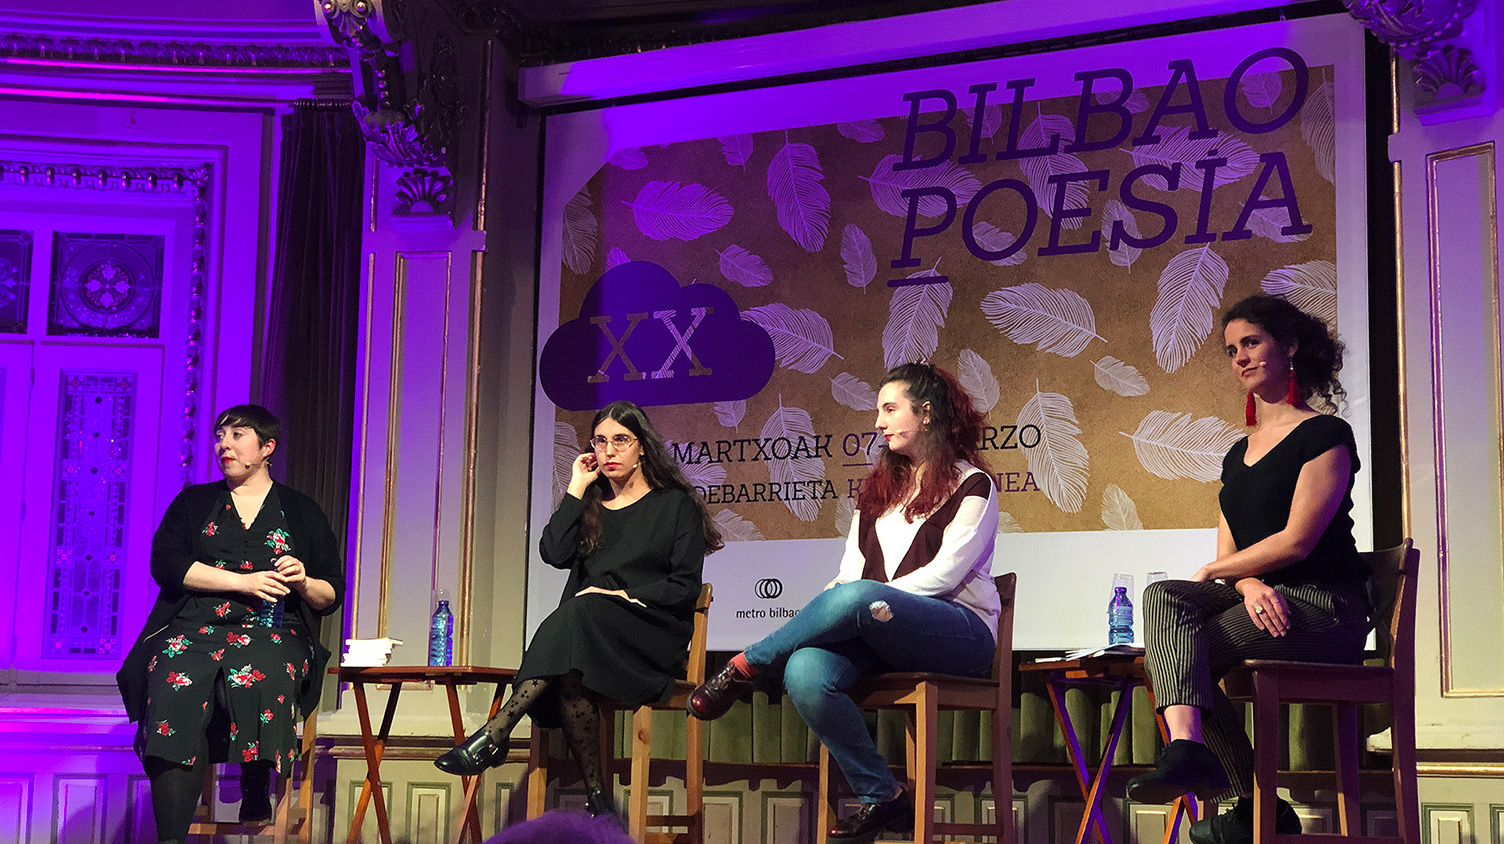 Bilbao Poesía evento mujeres charla